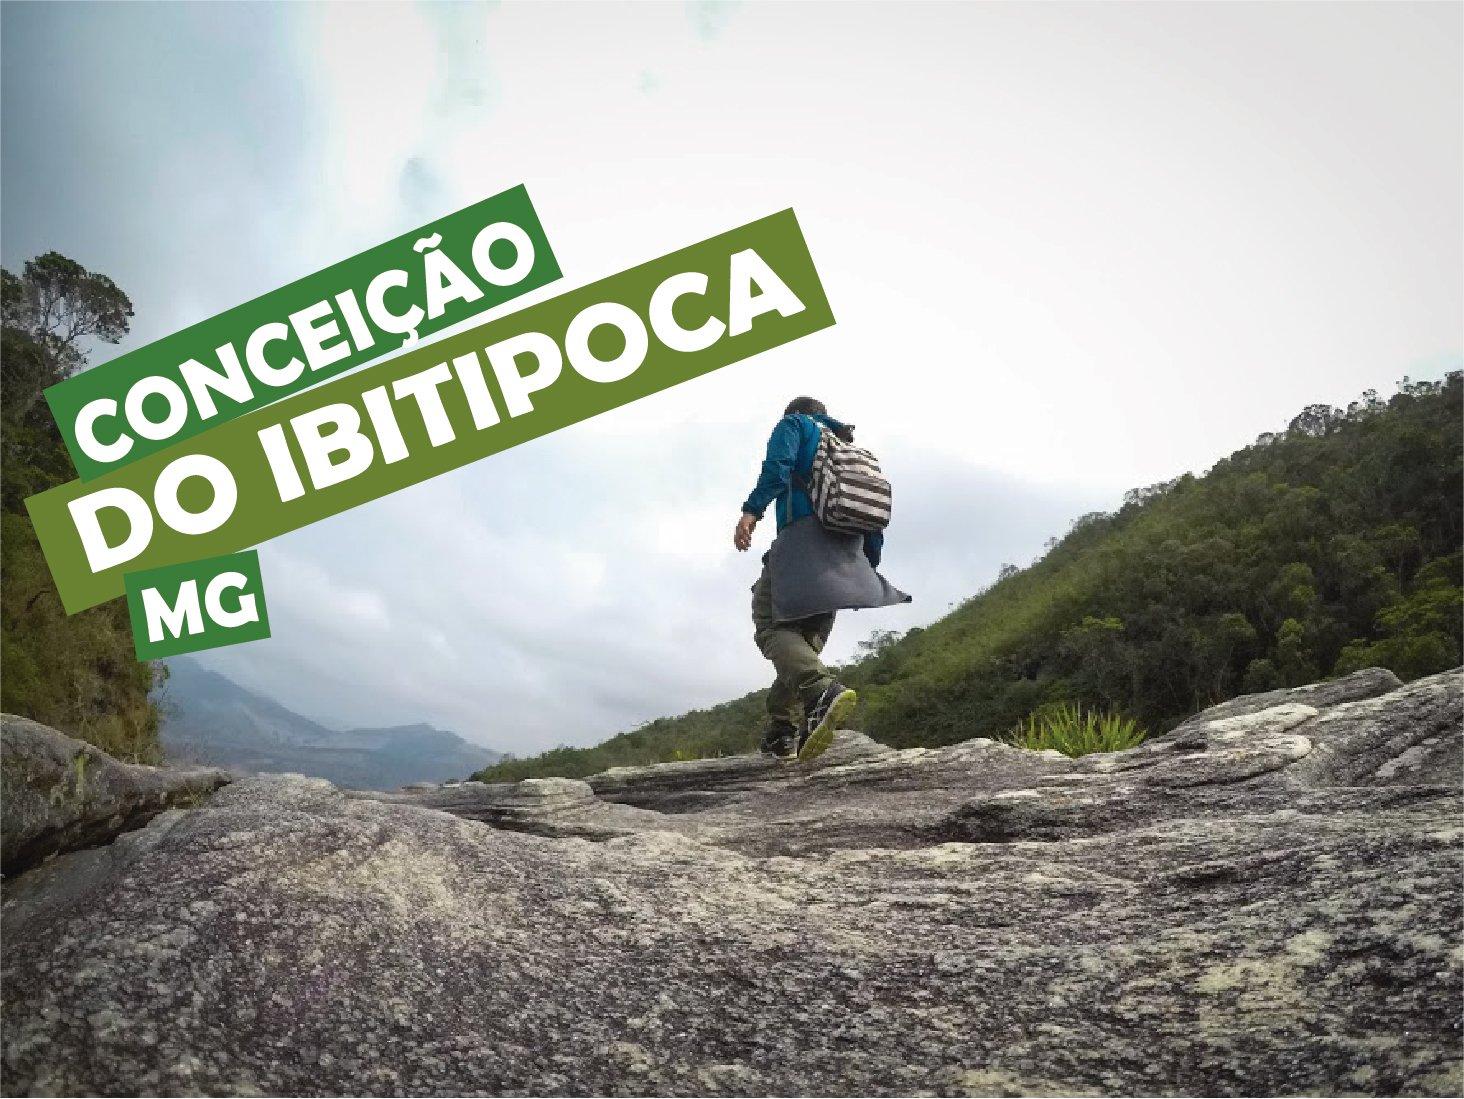 You are currently viewing Conceição do Ibitipoca, MG